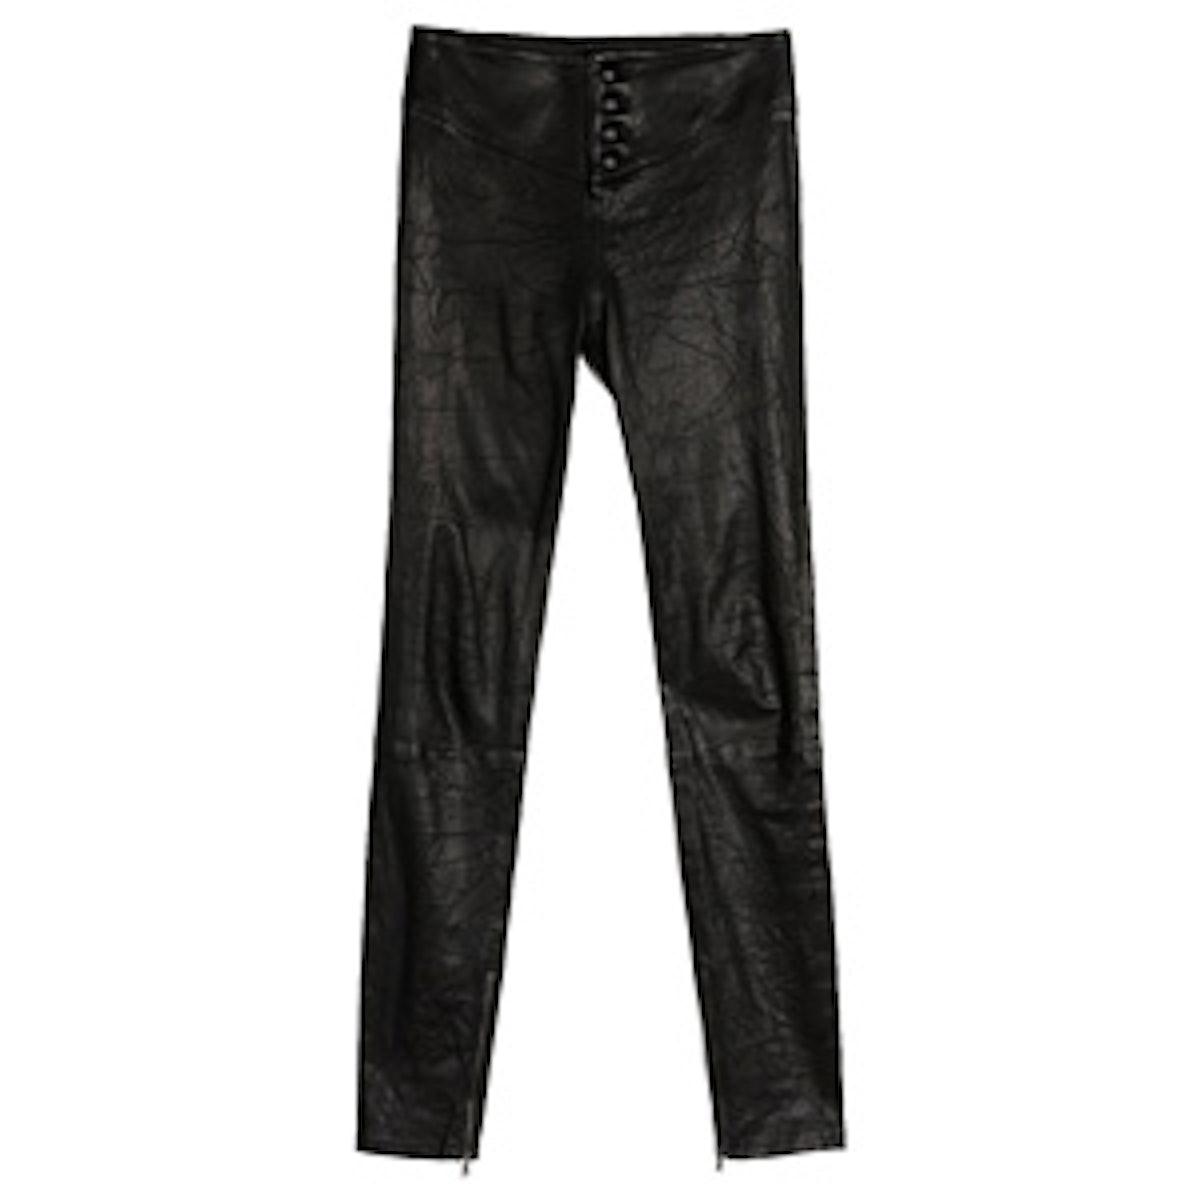 Ellery Ankle Zip Black Leather Pants